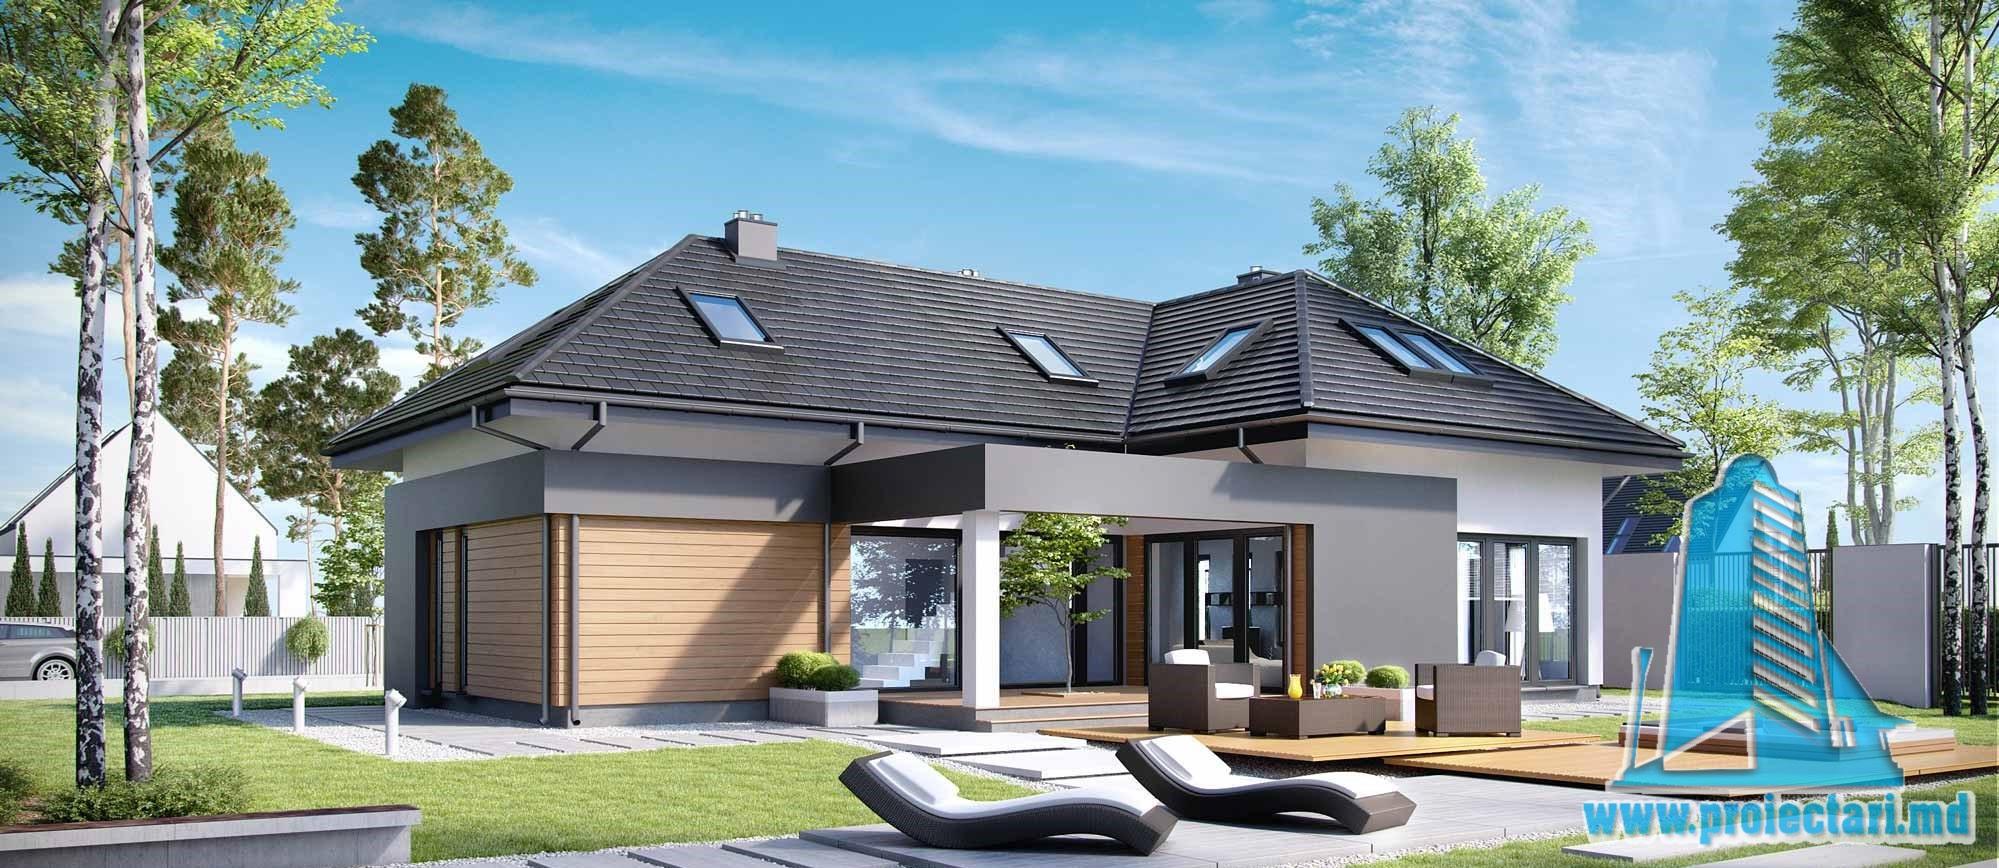 Casa cu parter, mansarda si garaj pentru un automobil-279 m2-101032